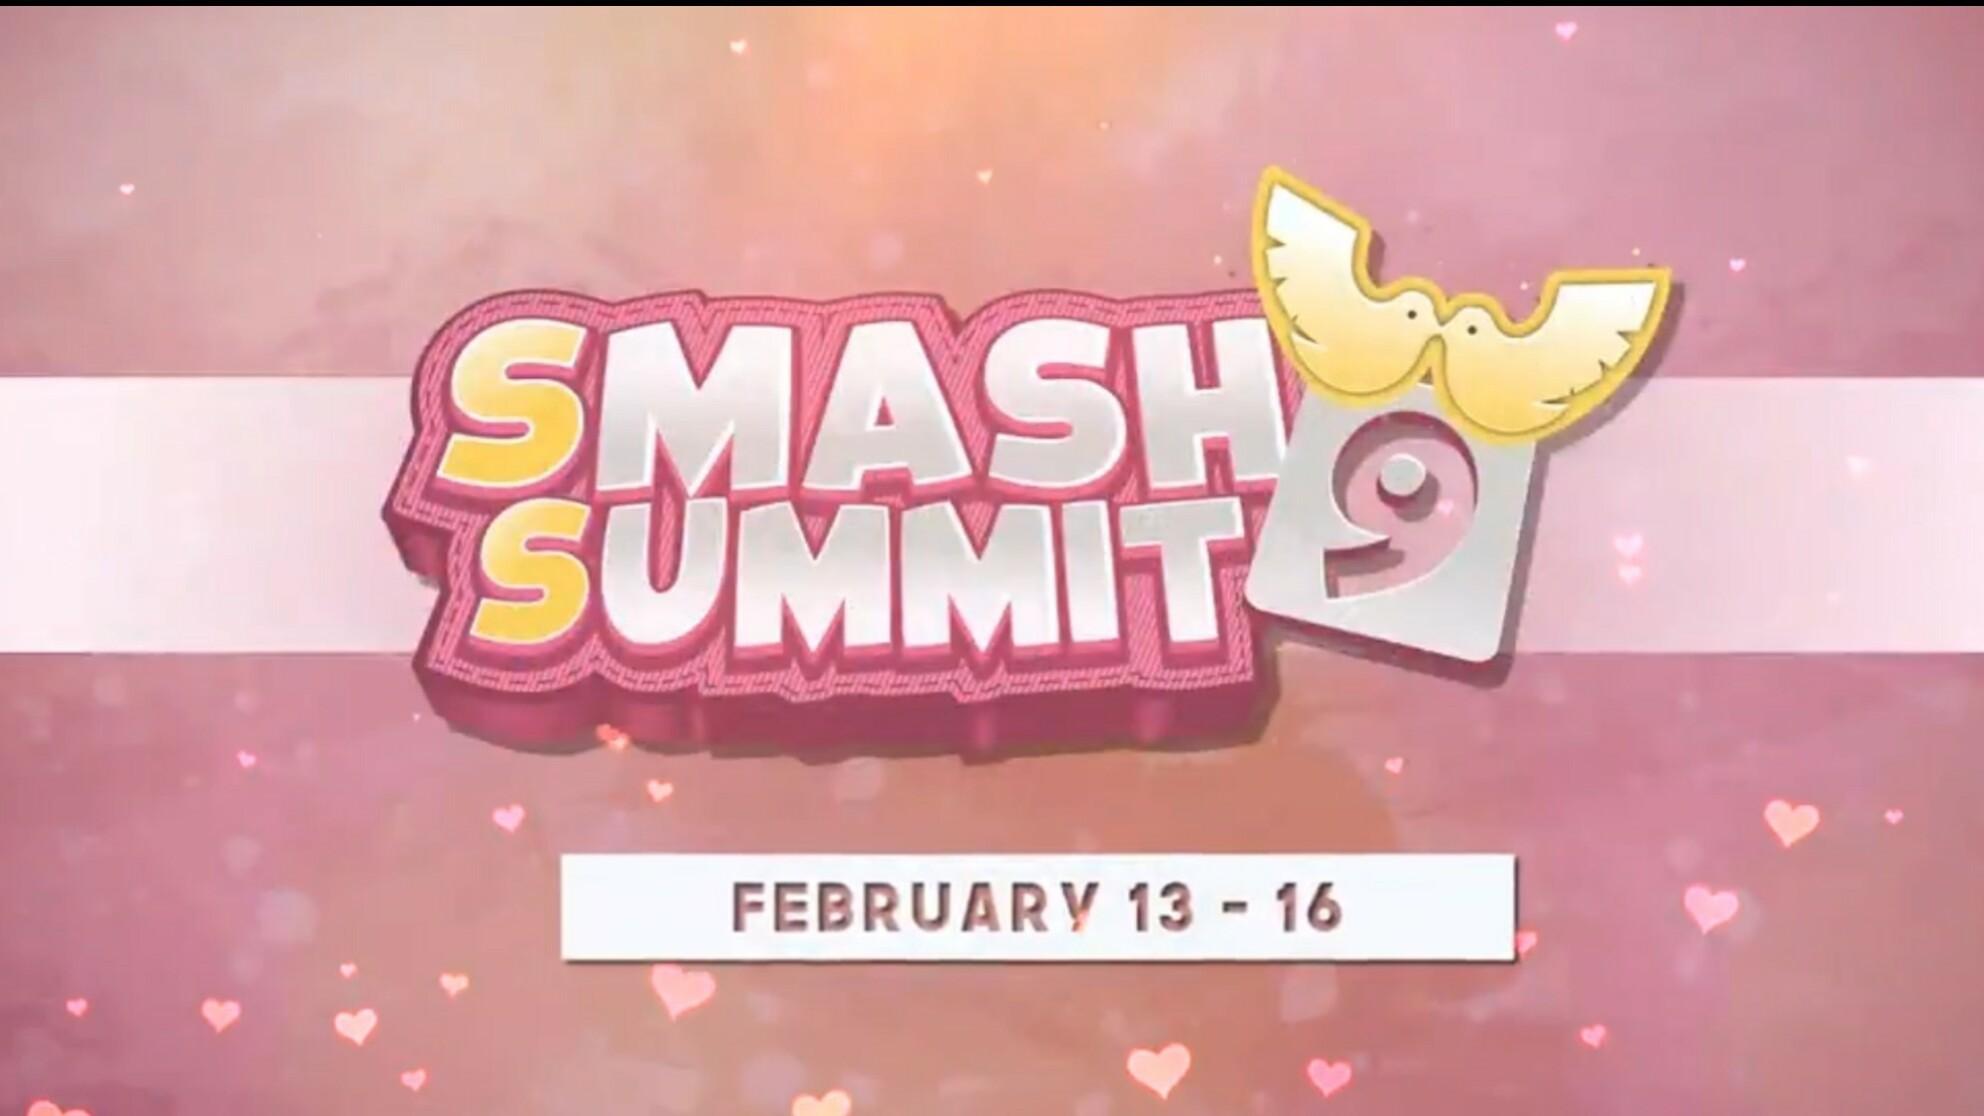 Smash Summit 9 talent revealed